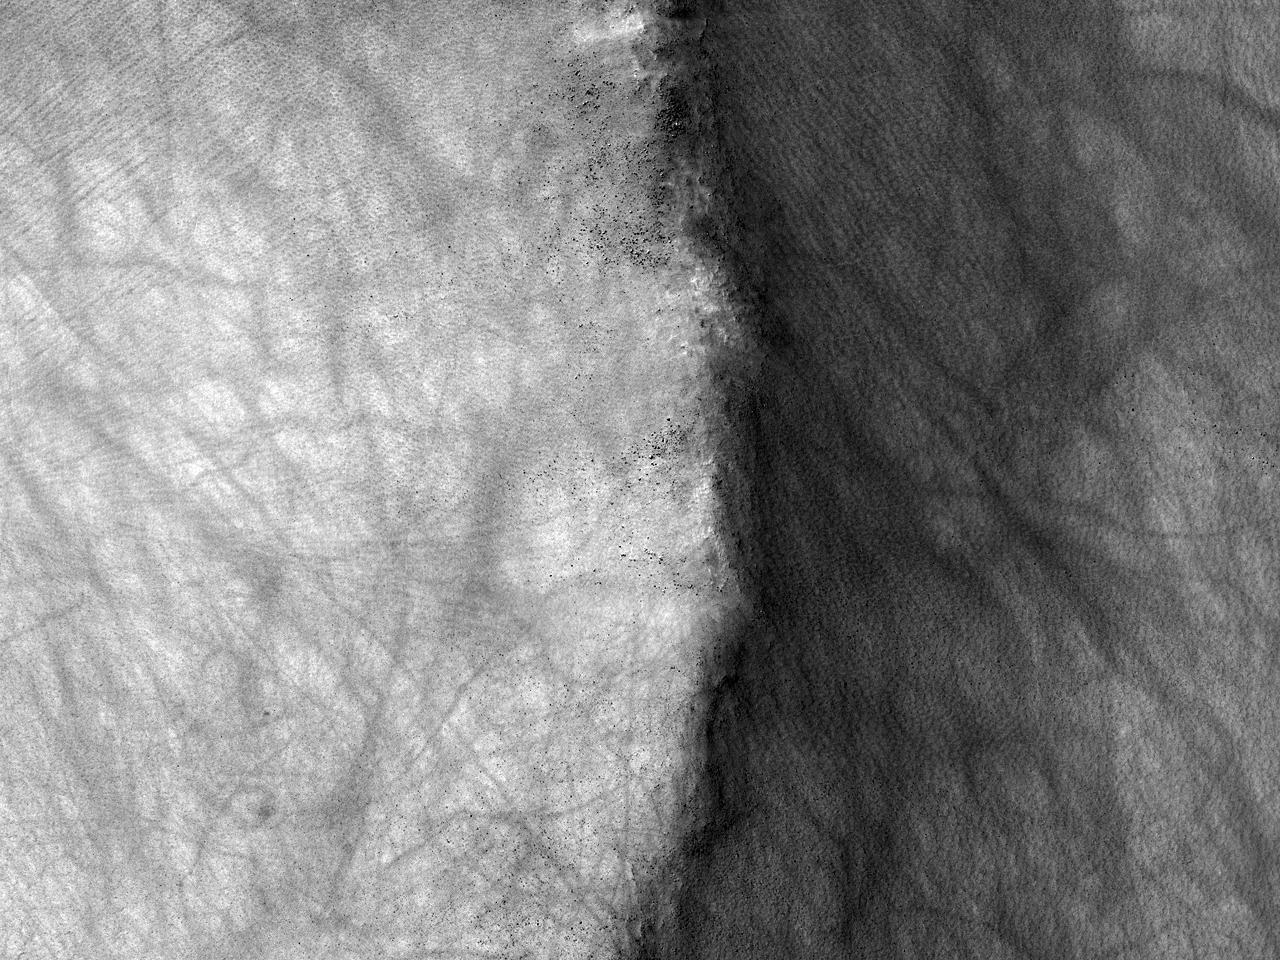 Край кратера и следы вихря в районе Argyre